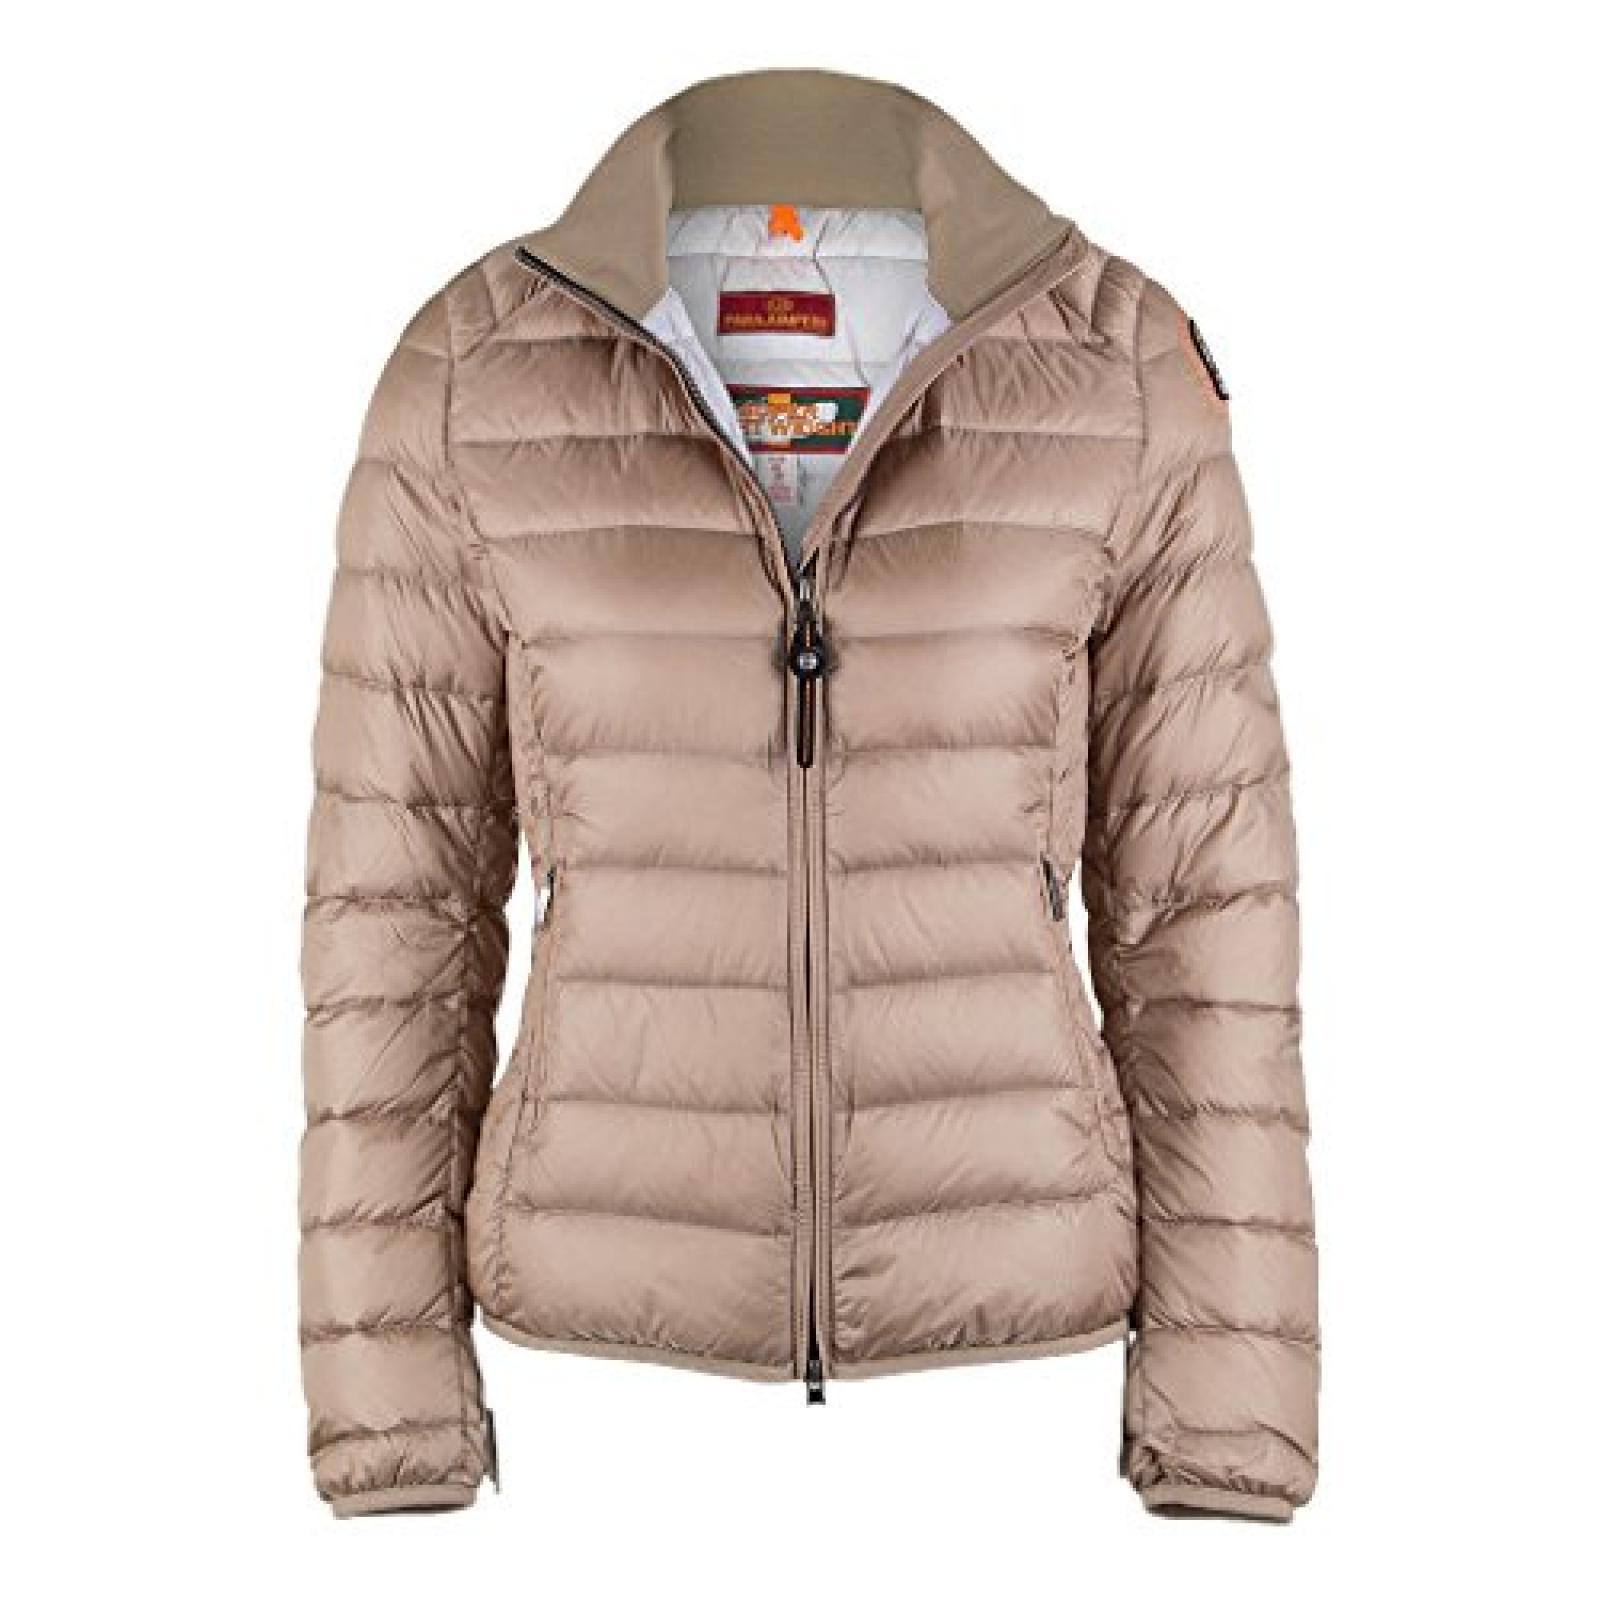 Parajumpers Damen Super Light Weight Daunen Jacke GEENA 6 beige Gr. L